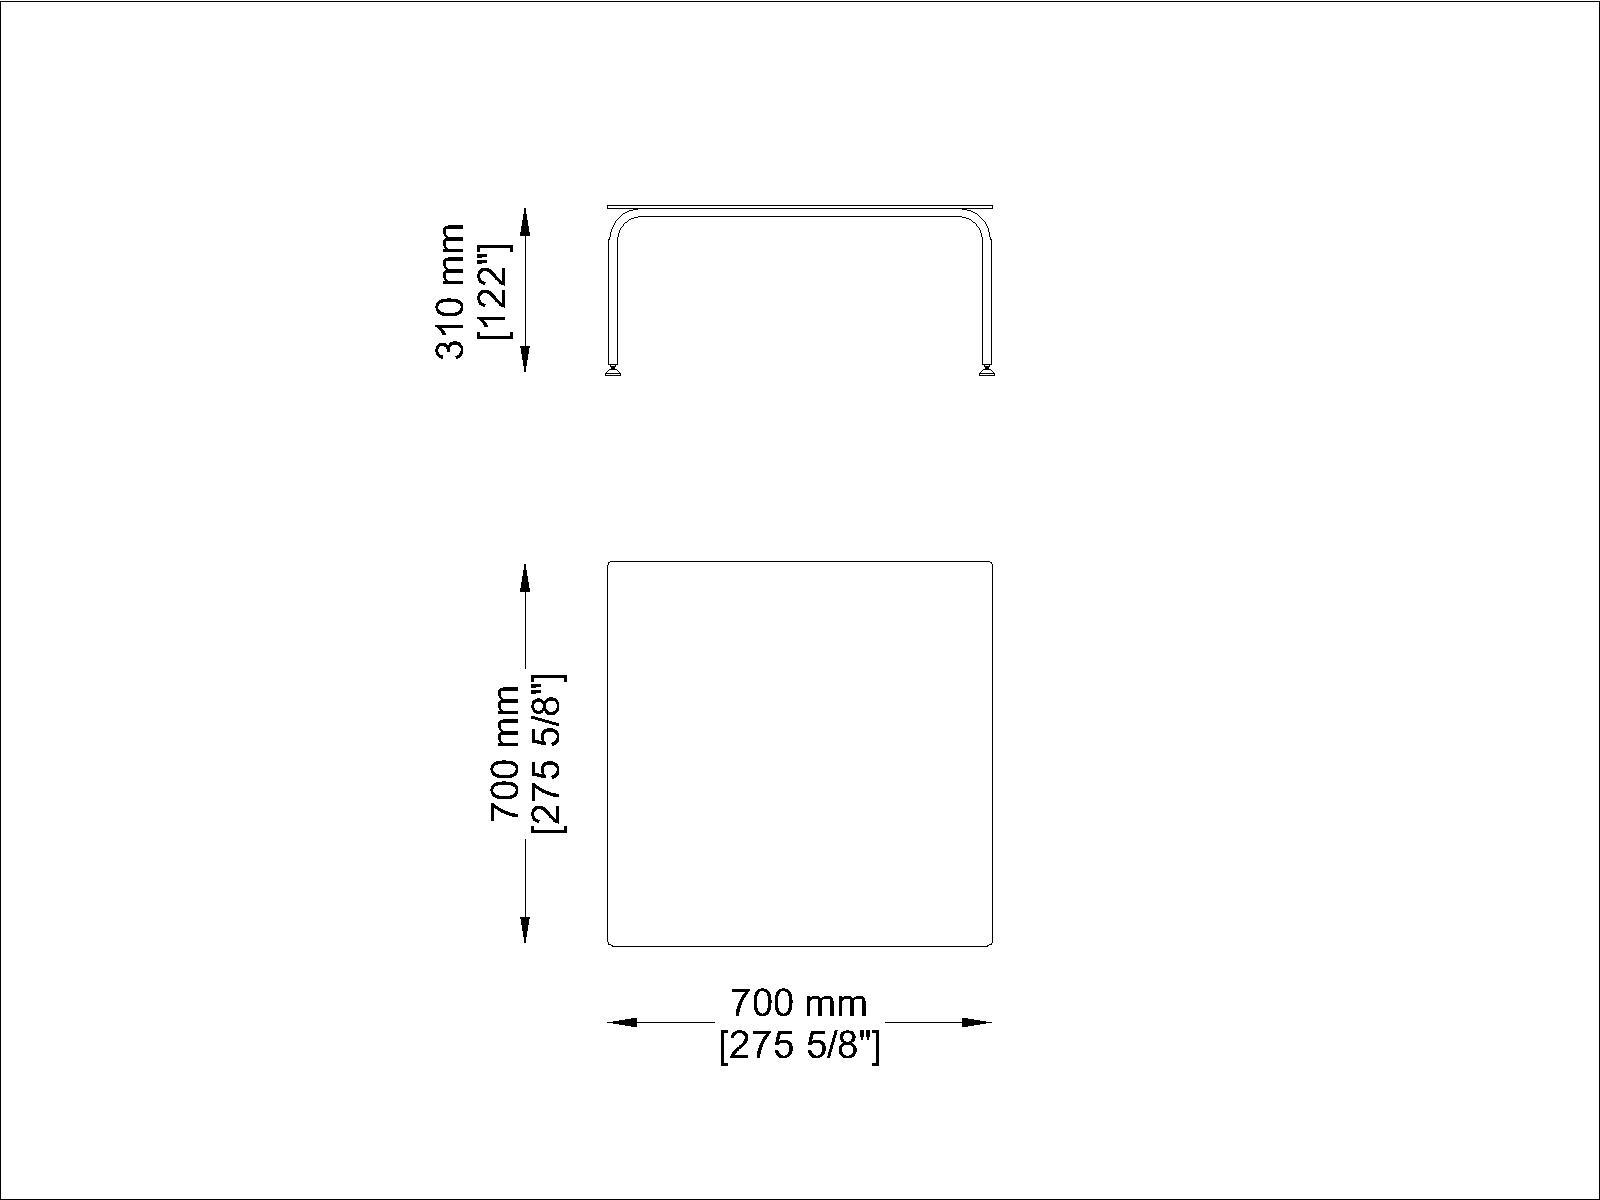 Coro Jubeae Tisch quadratisch 700 x 700 x 310 mm Rahmen Edelstahl satiniert oder pulverbeschichtet